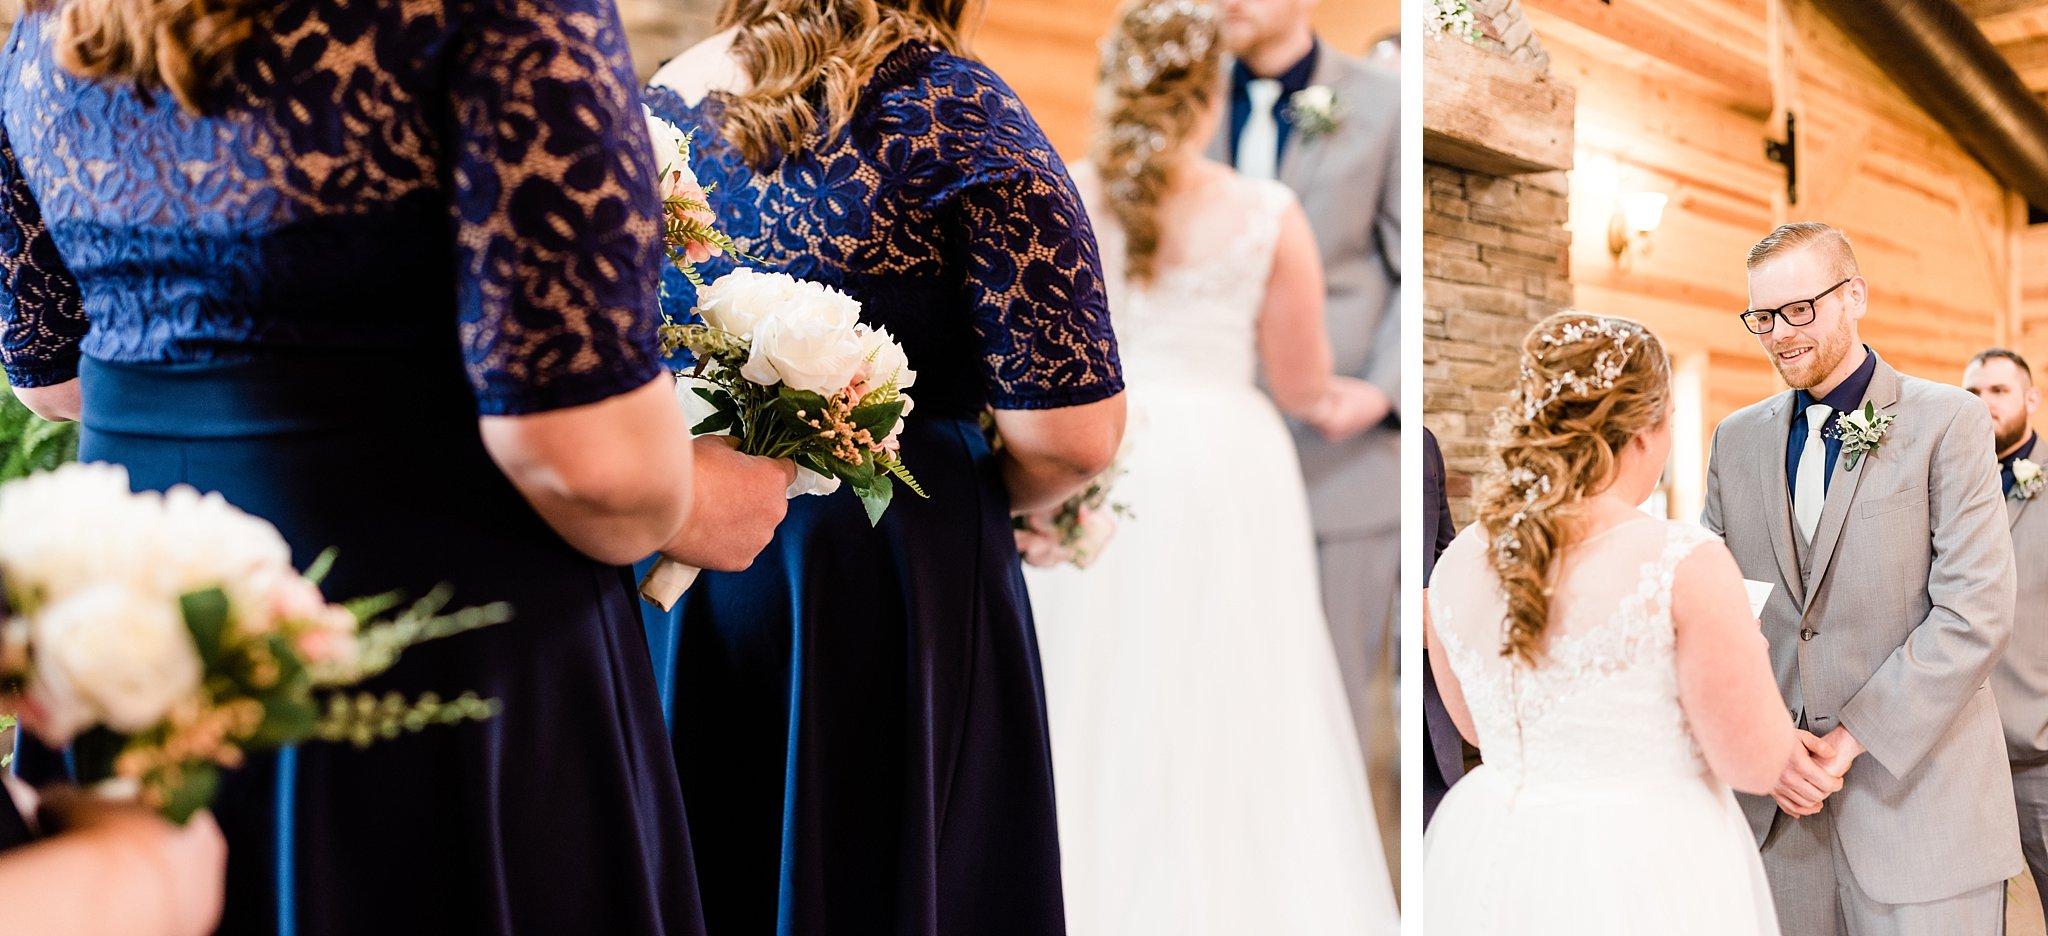 cincinnati wedding photographer103.jpg